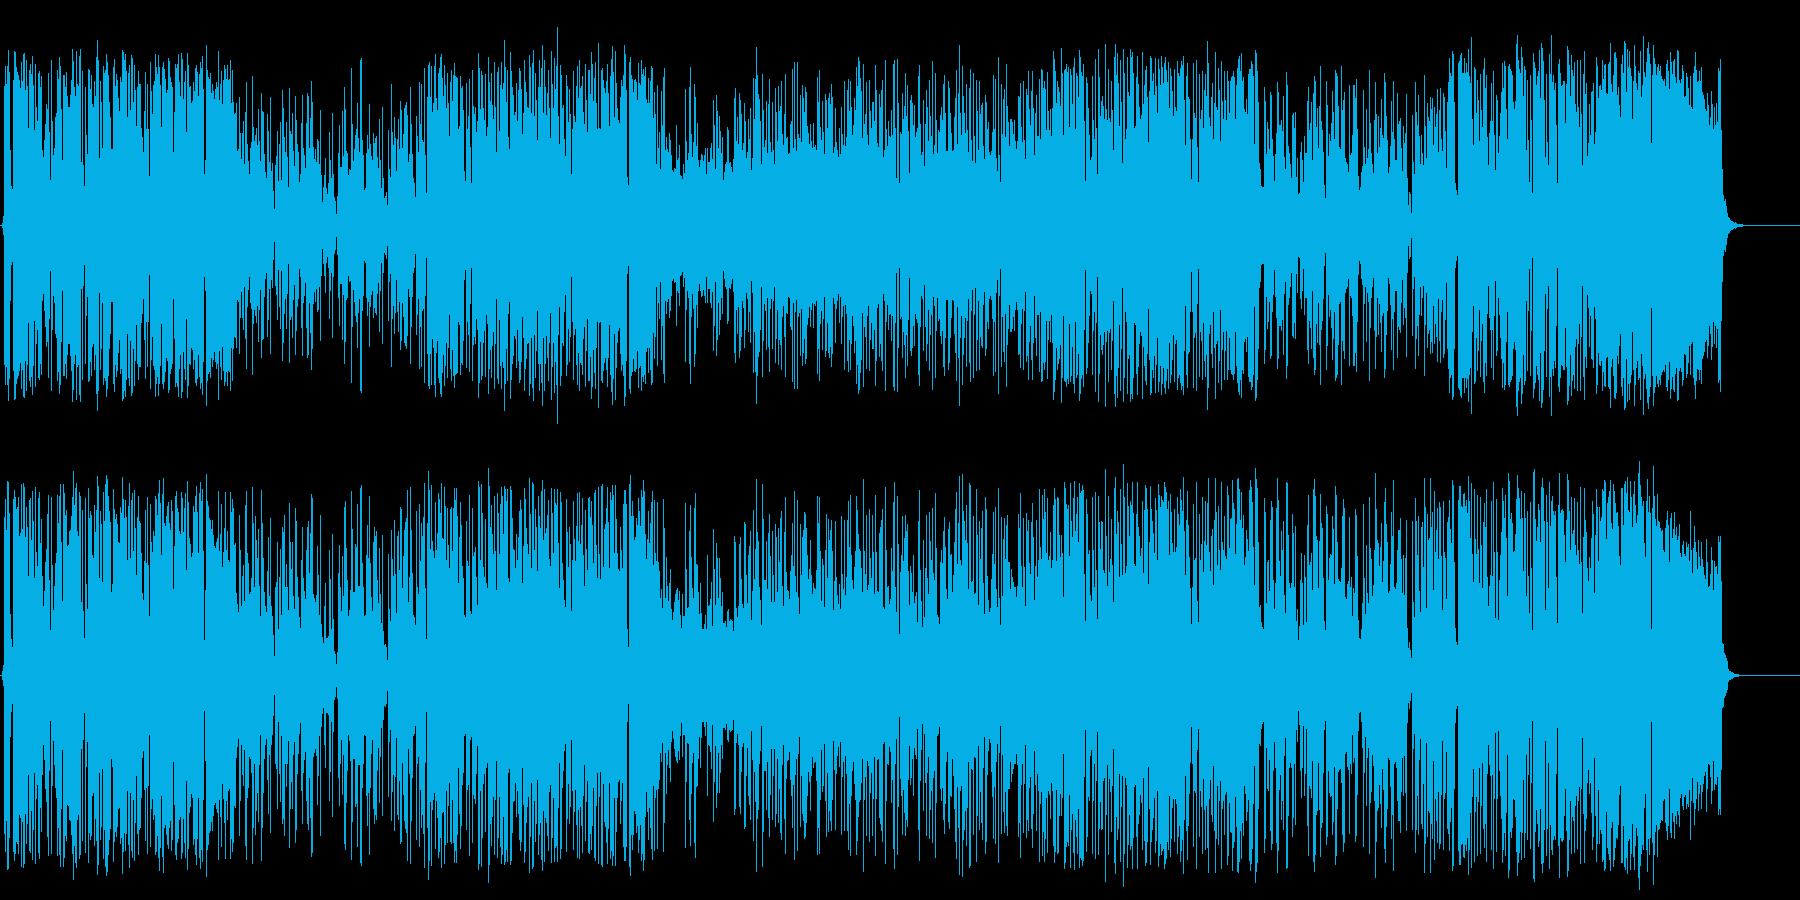 アウトドア いきいき テーマ 元気の再生済みの波形